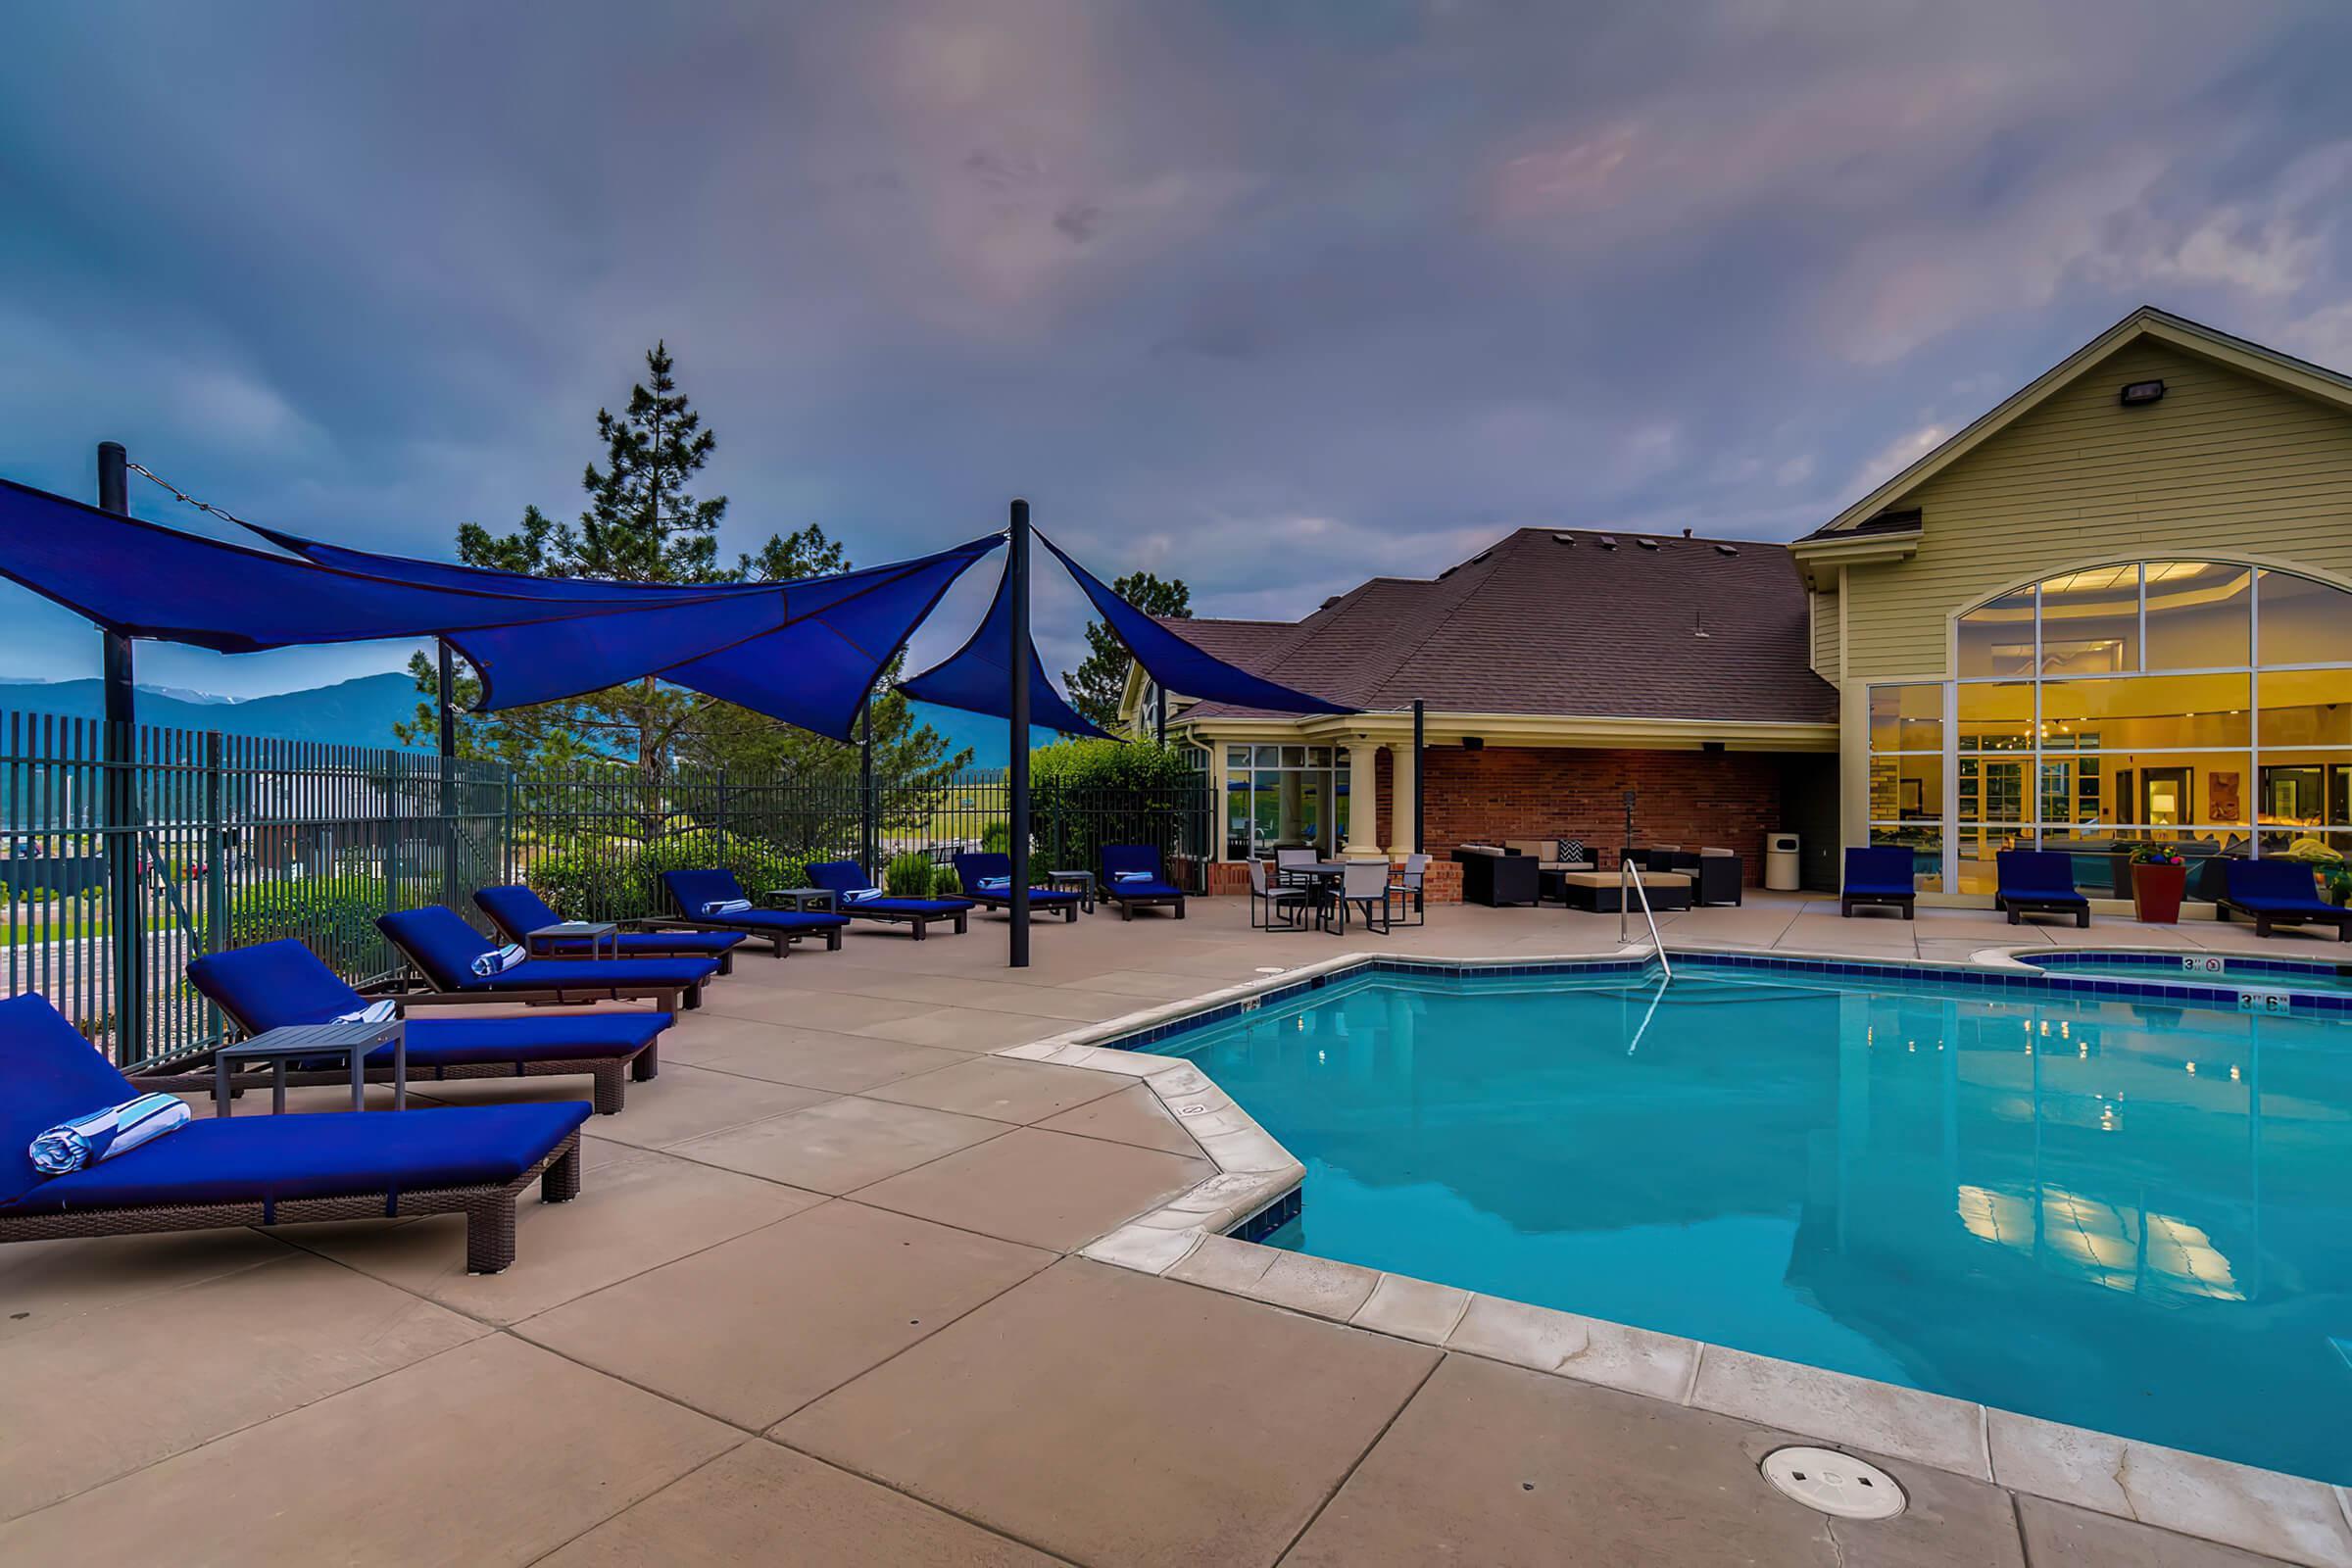 13631 Shepard Hts Colorado Springs CO - Web Quality - 040 - 54 Pool.jpg